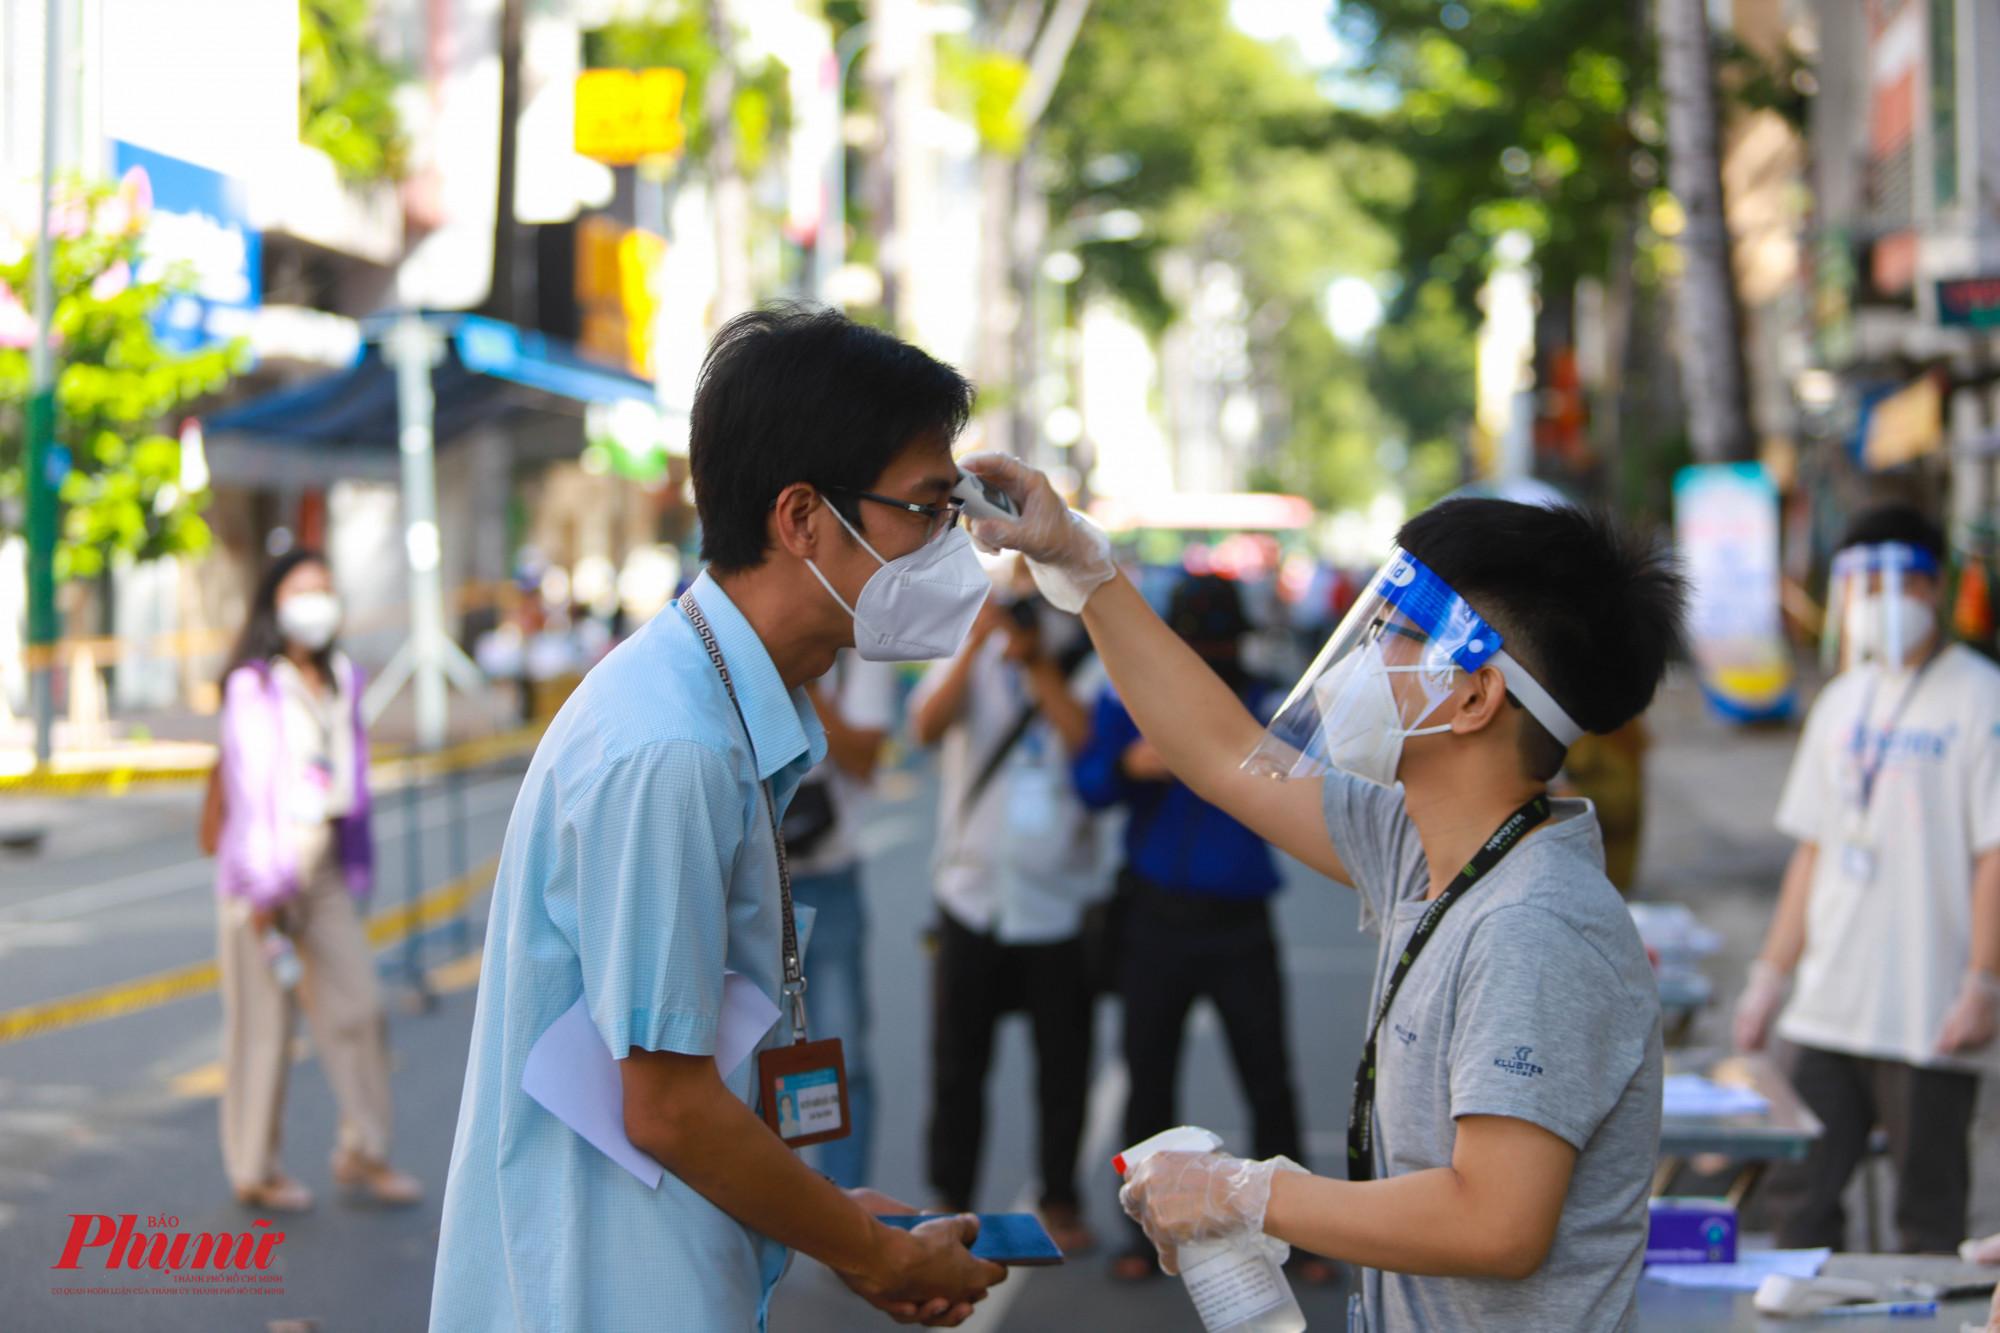 Tất cả người dân khi muốn vào trong chợ phải được kiểm tra thân nhiệt và khai báo y tế